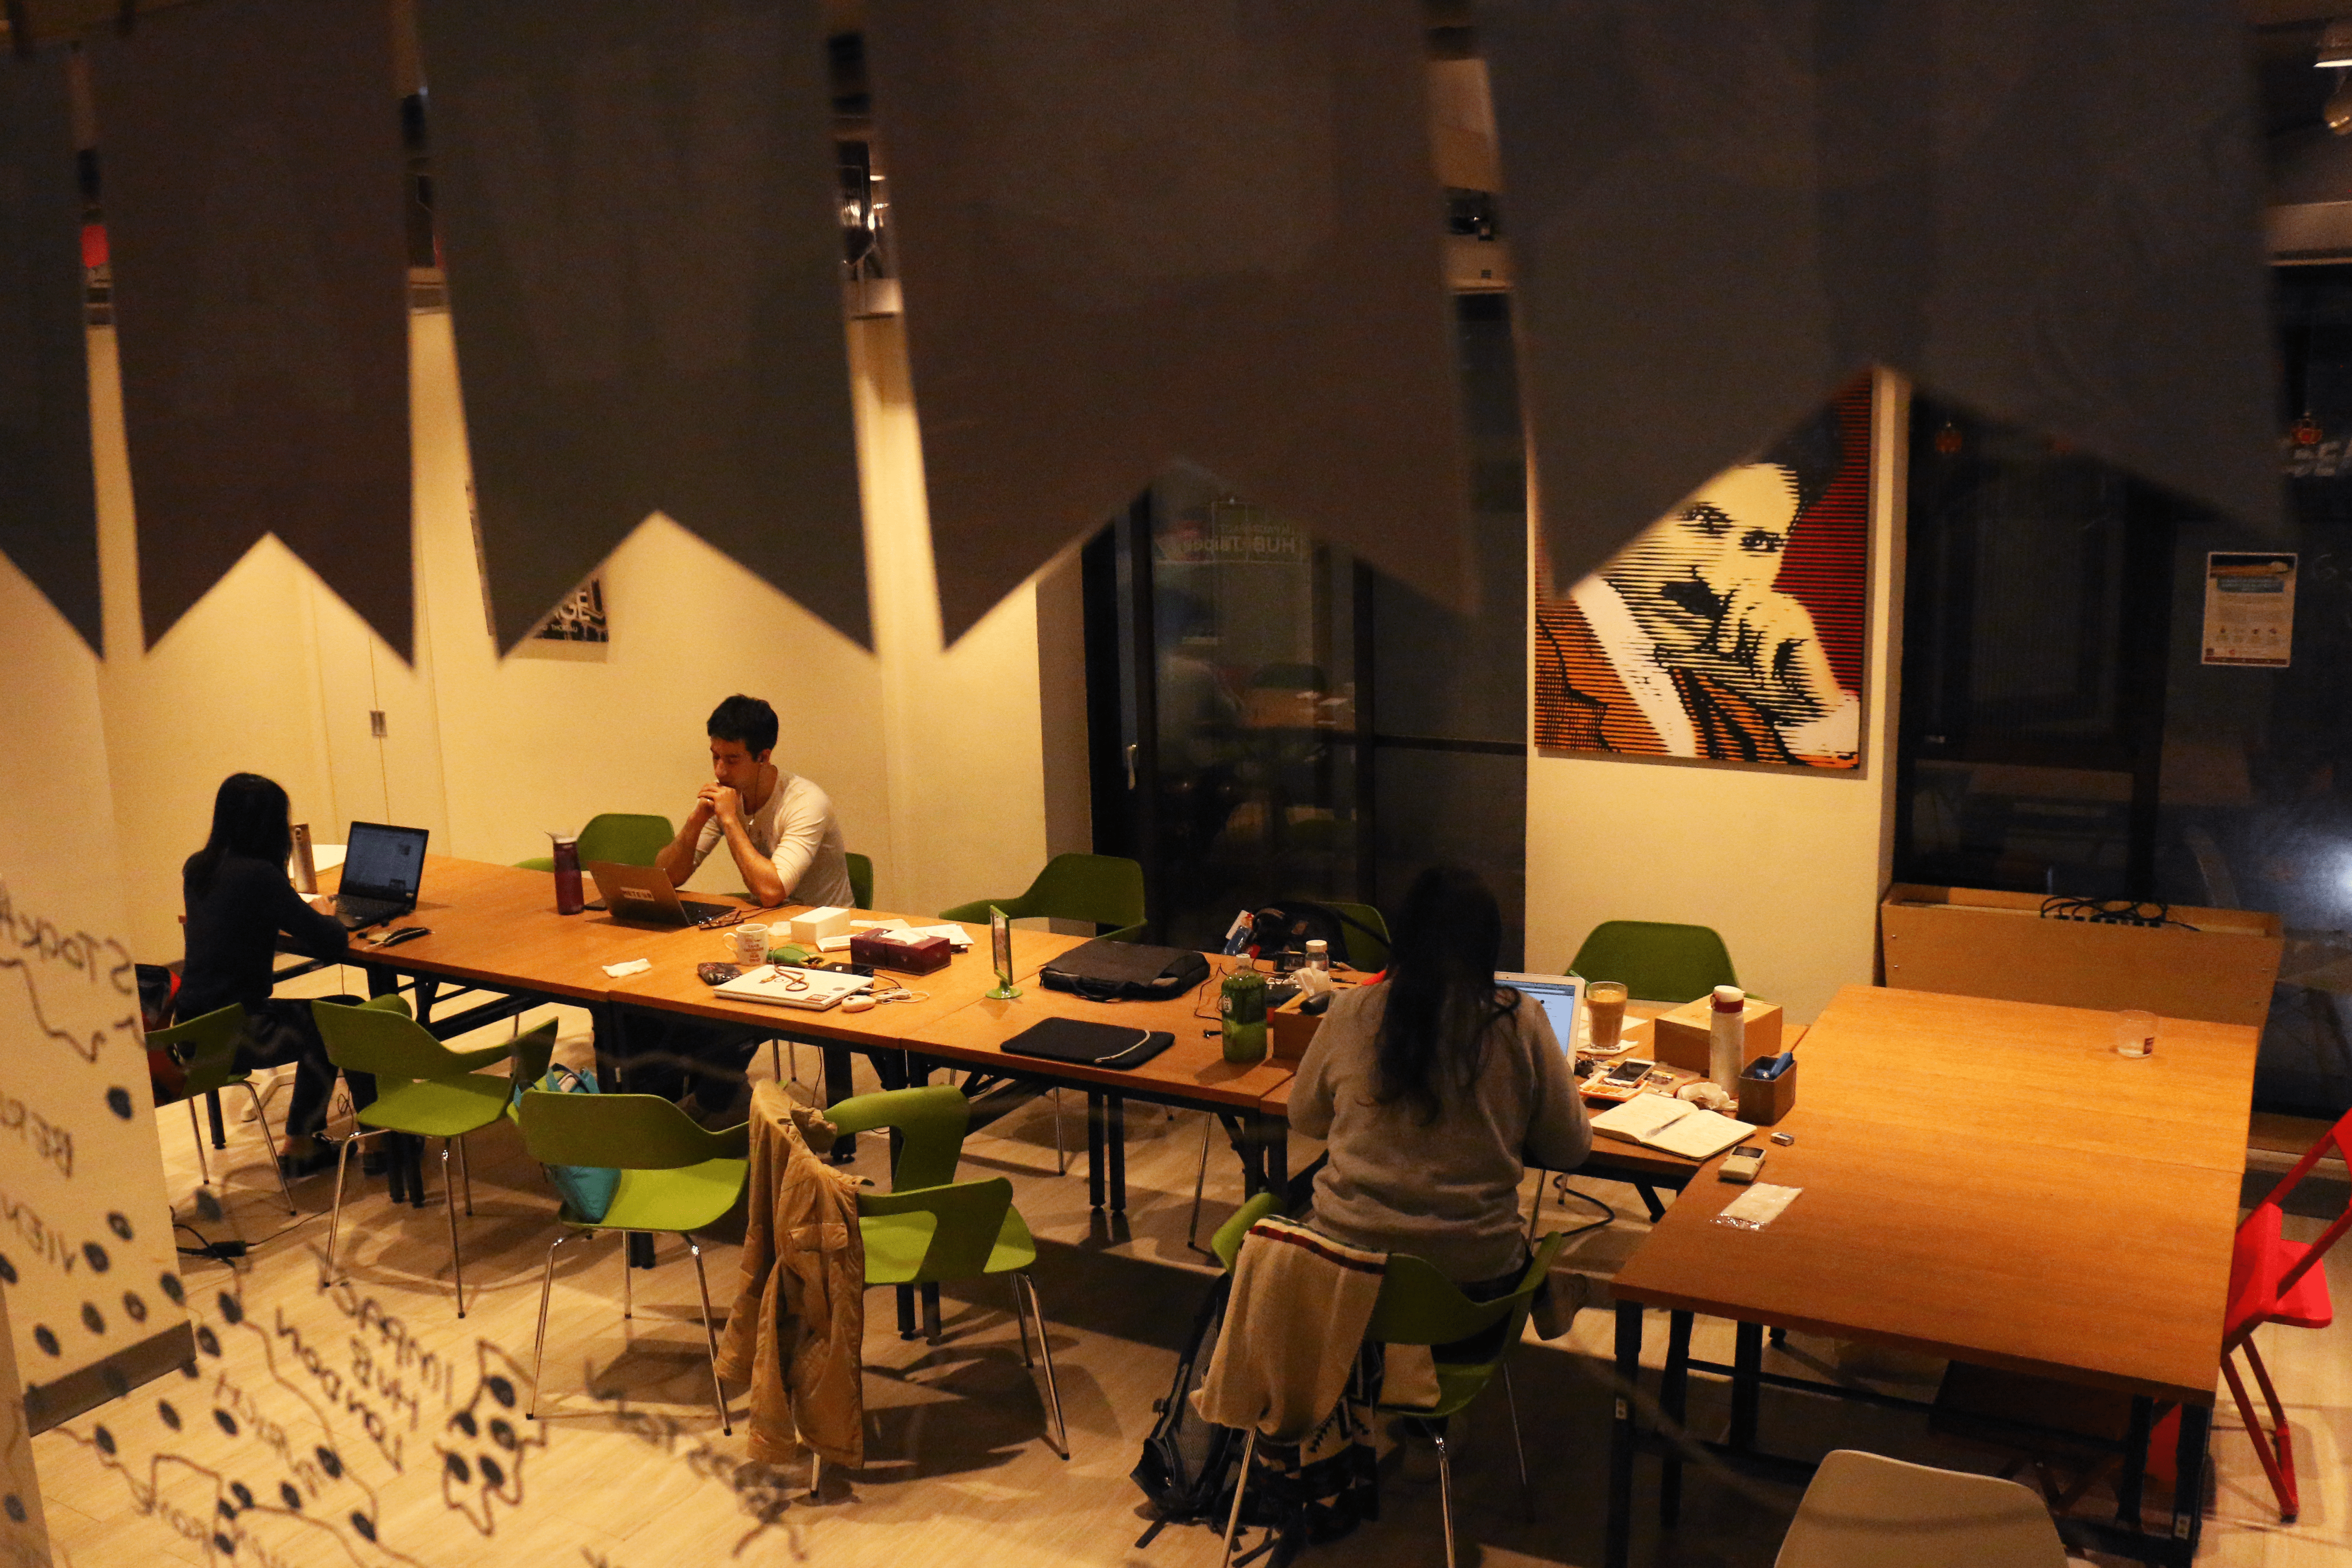 一樓的空間平時也供進駐團隊使用,到了晚上又可以作為活動場地。